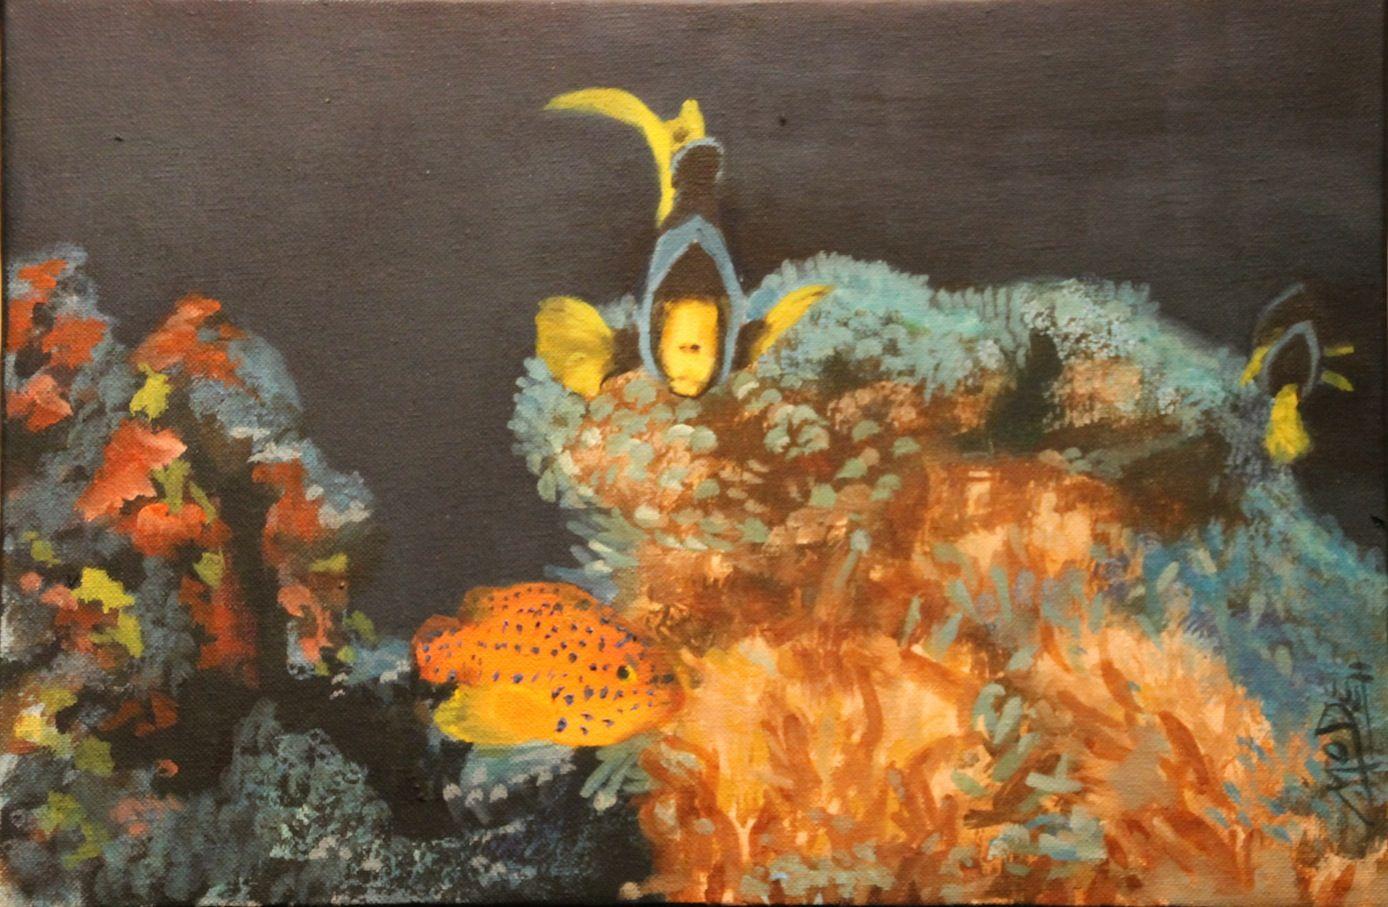 Arrecife 1. Arrecife caribeño con algunos de sus vecinos. A partir de fotografía hecha por un amigo